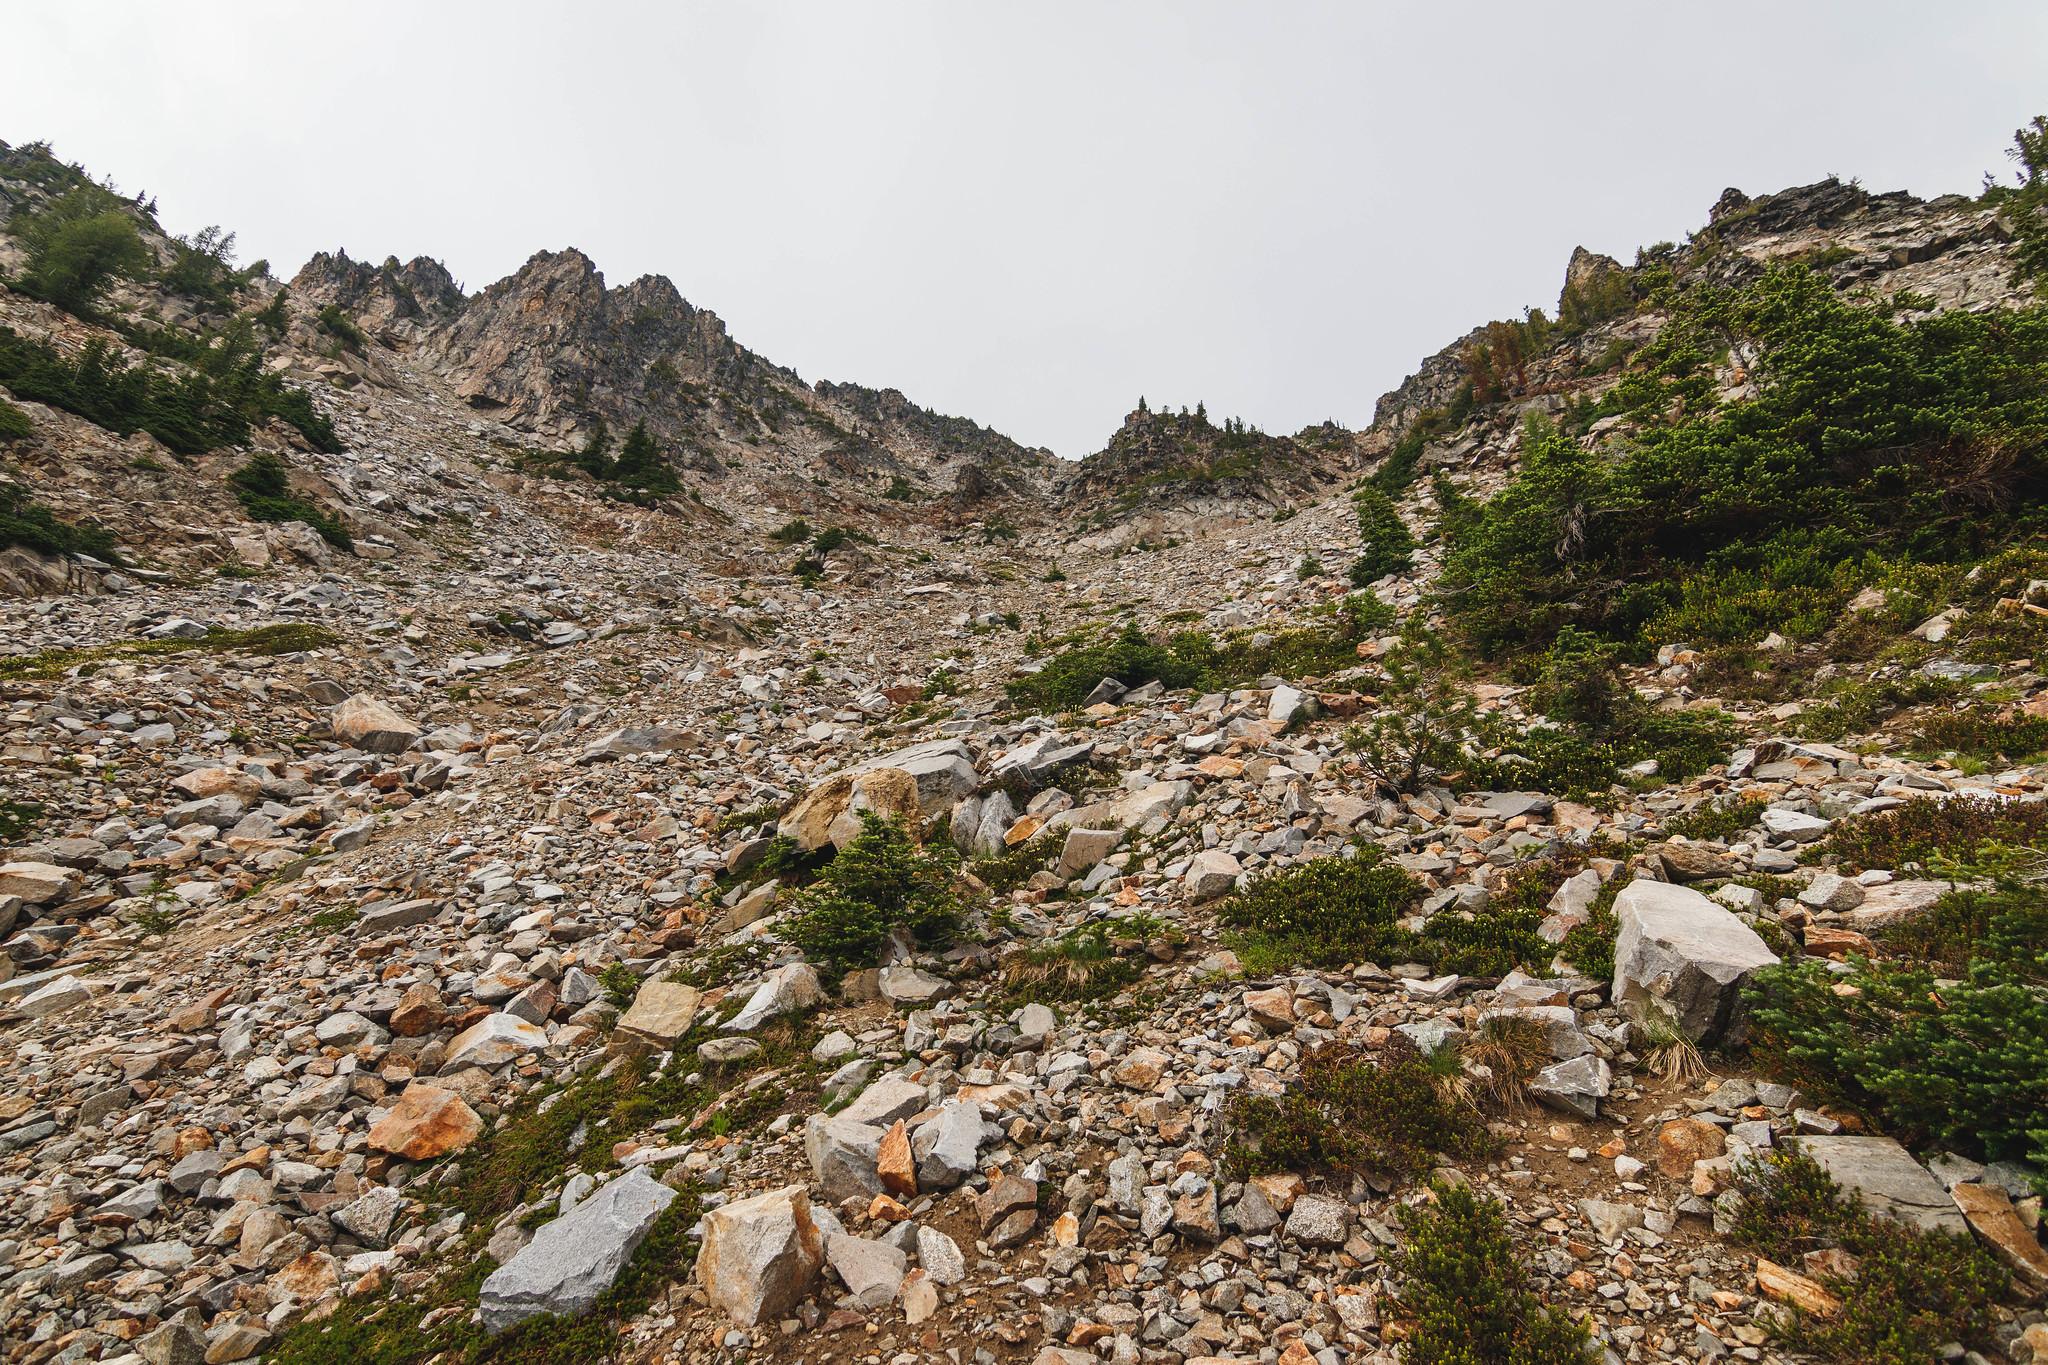 Buckskin Mountain south gully